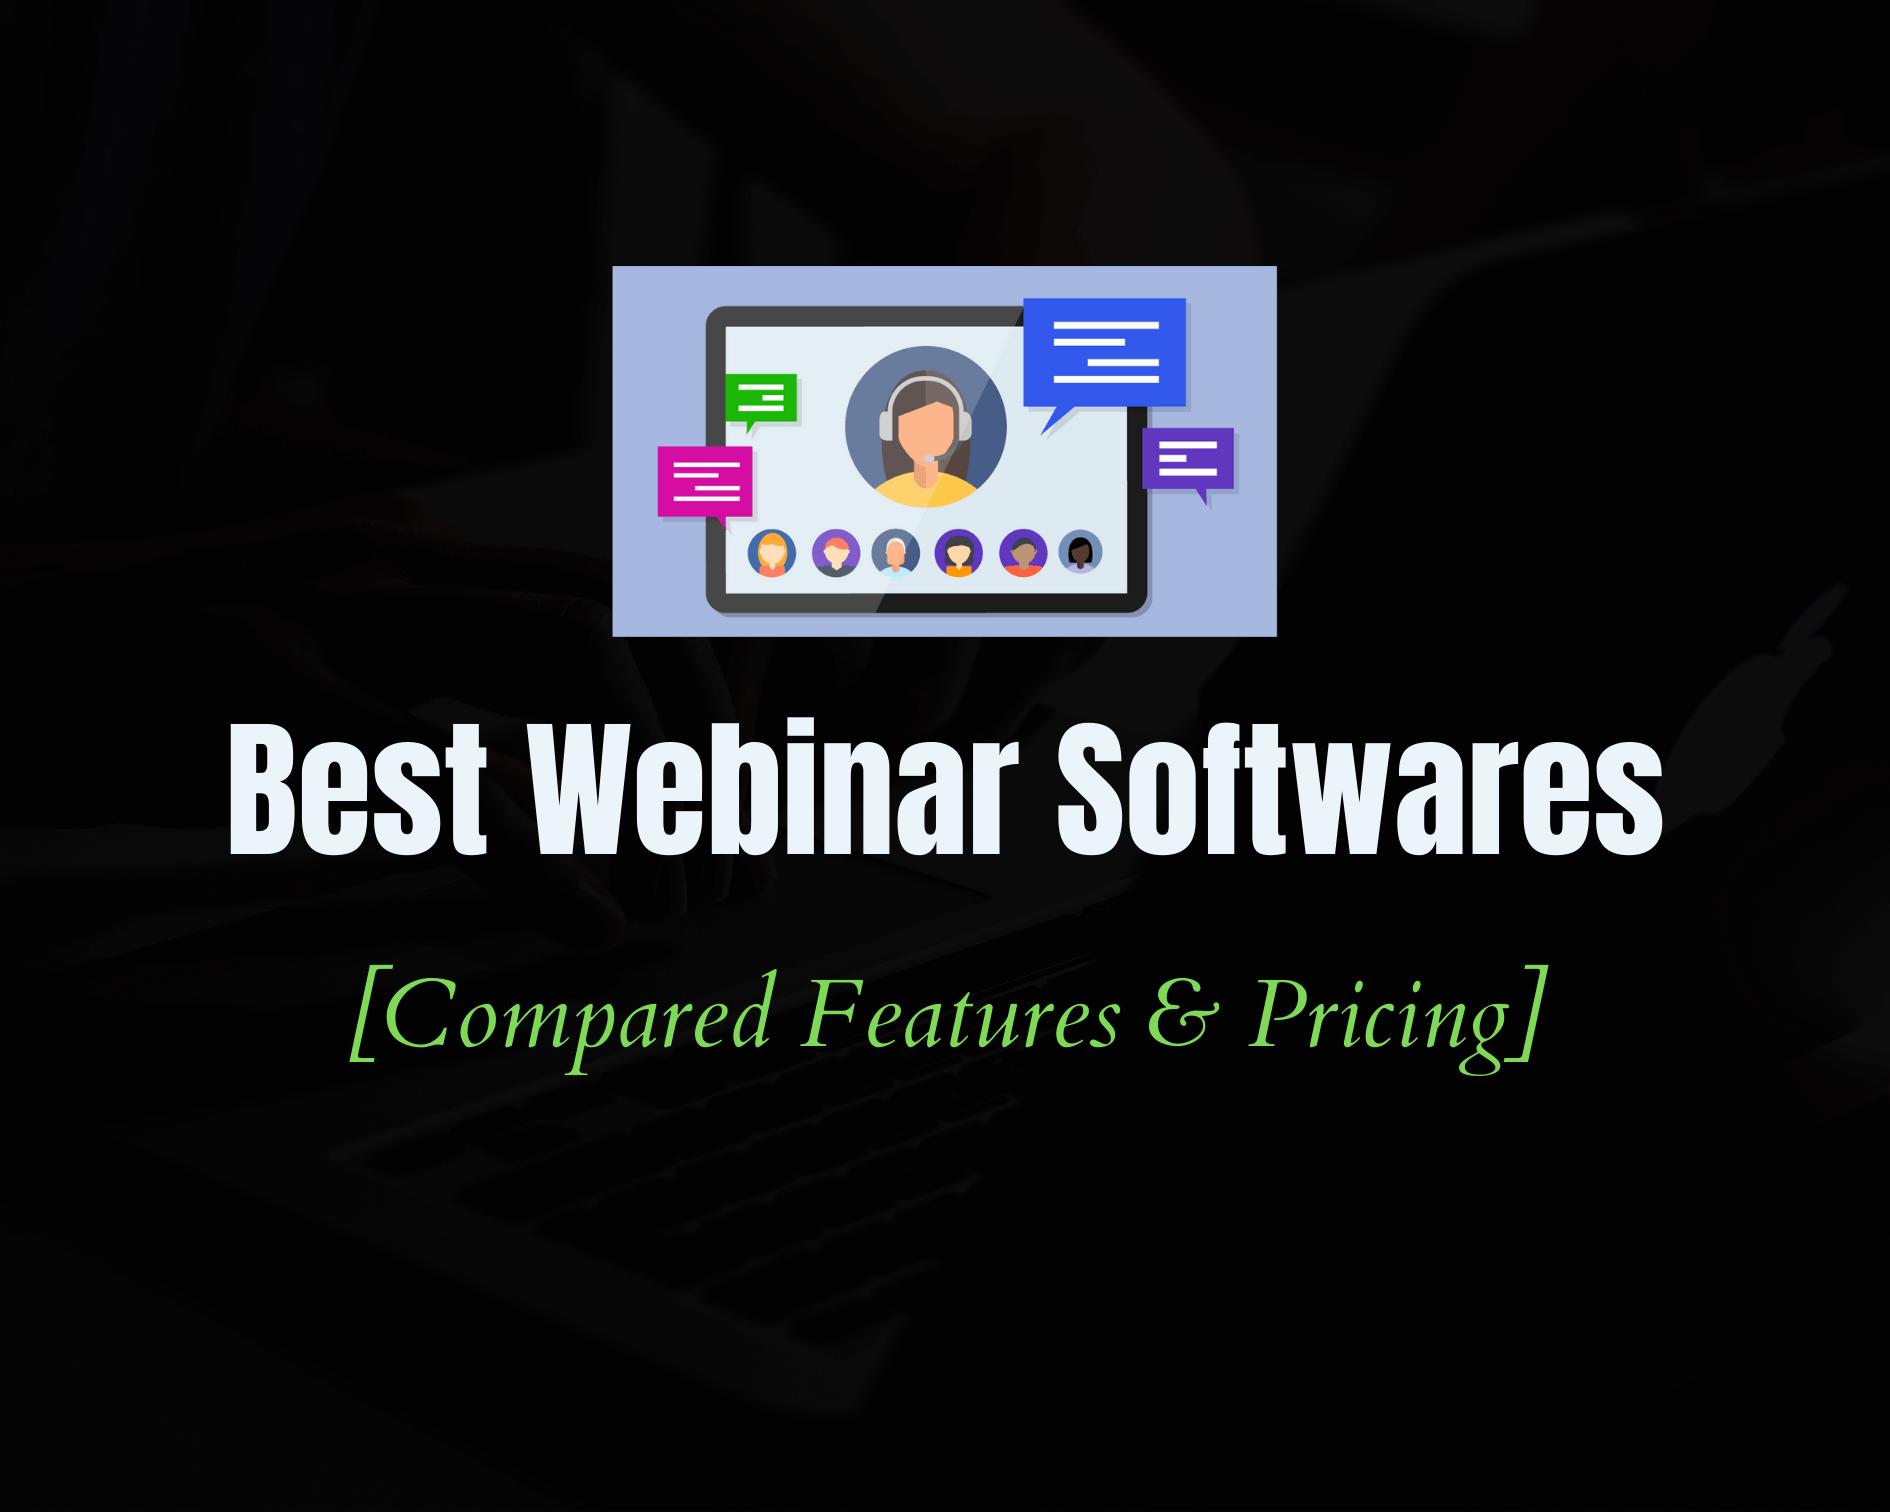 Top 10 Best Webinar Software Platforms for 2020